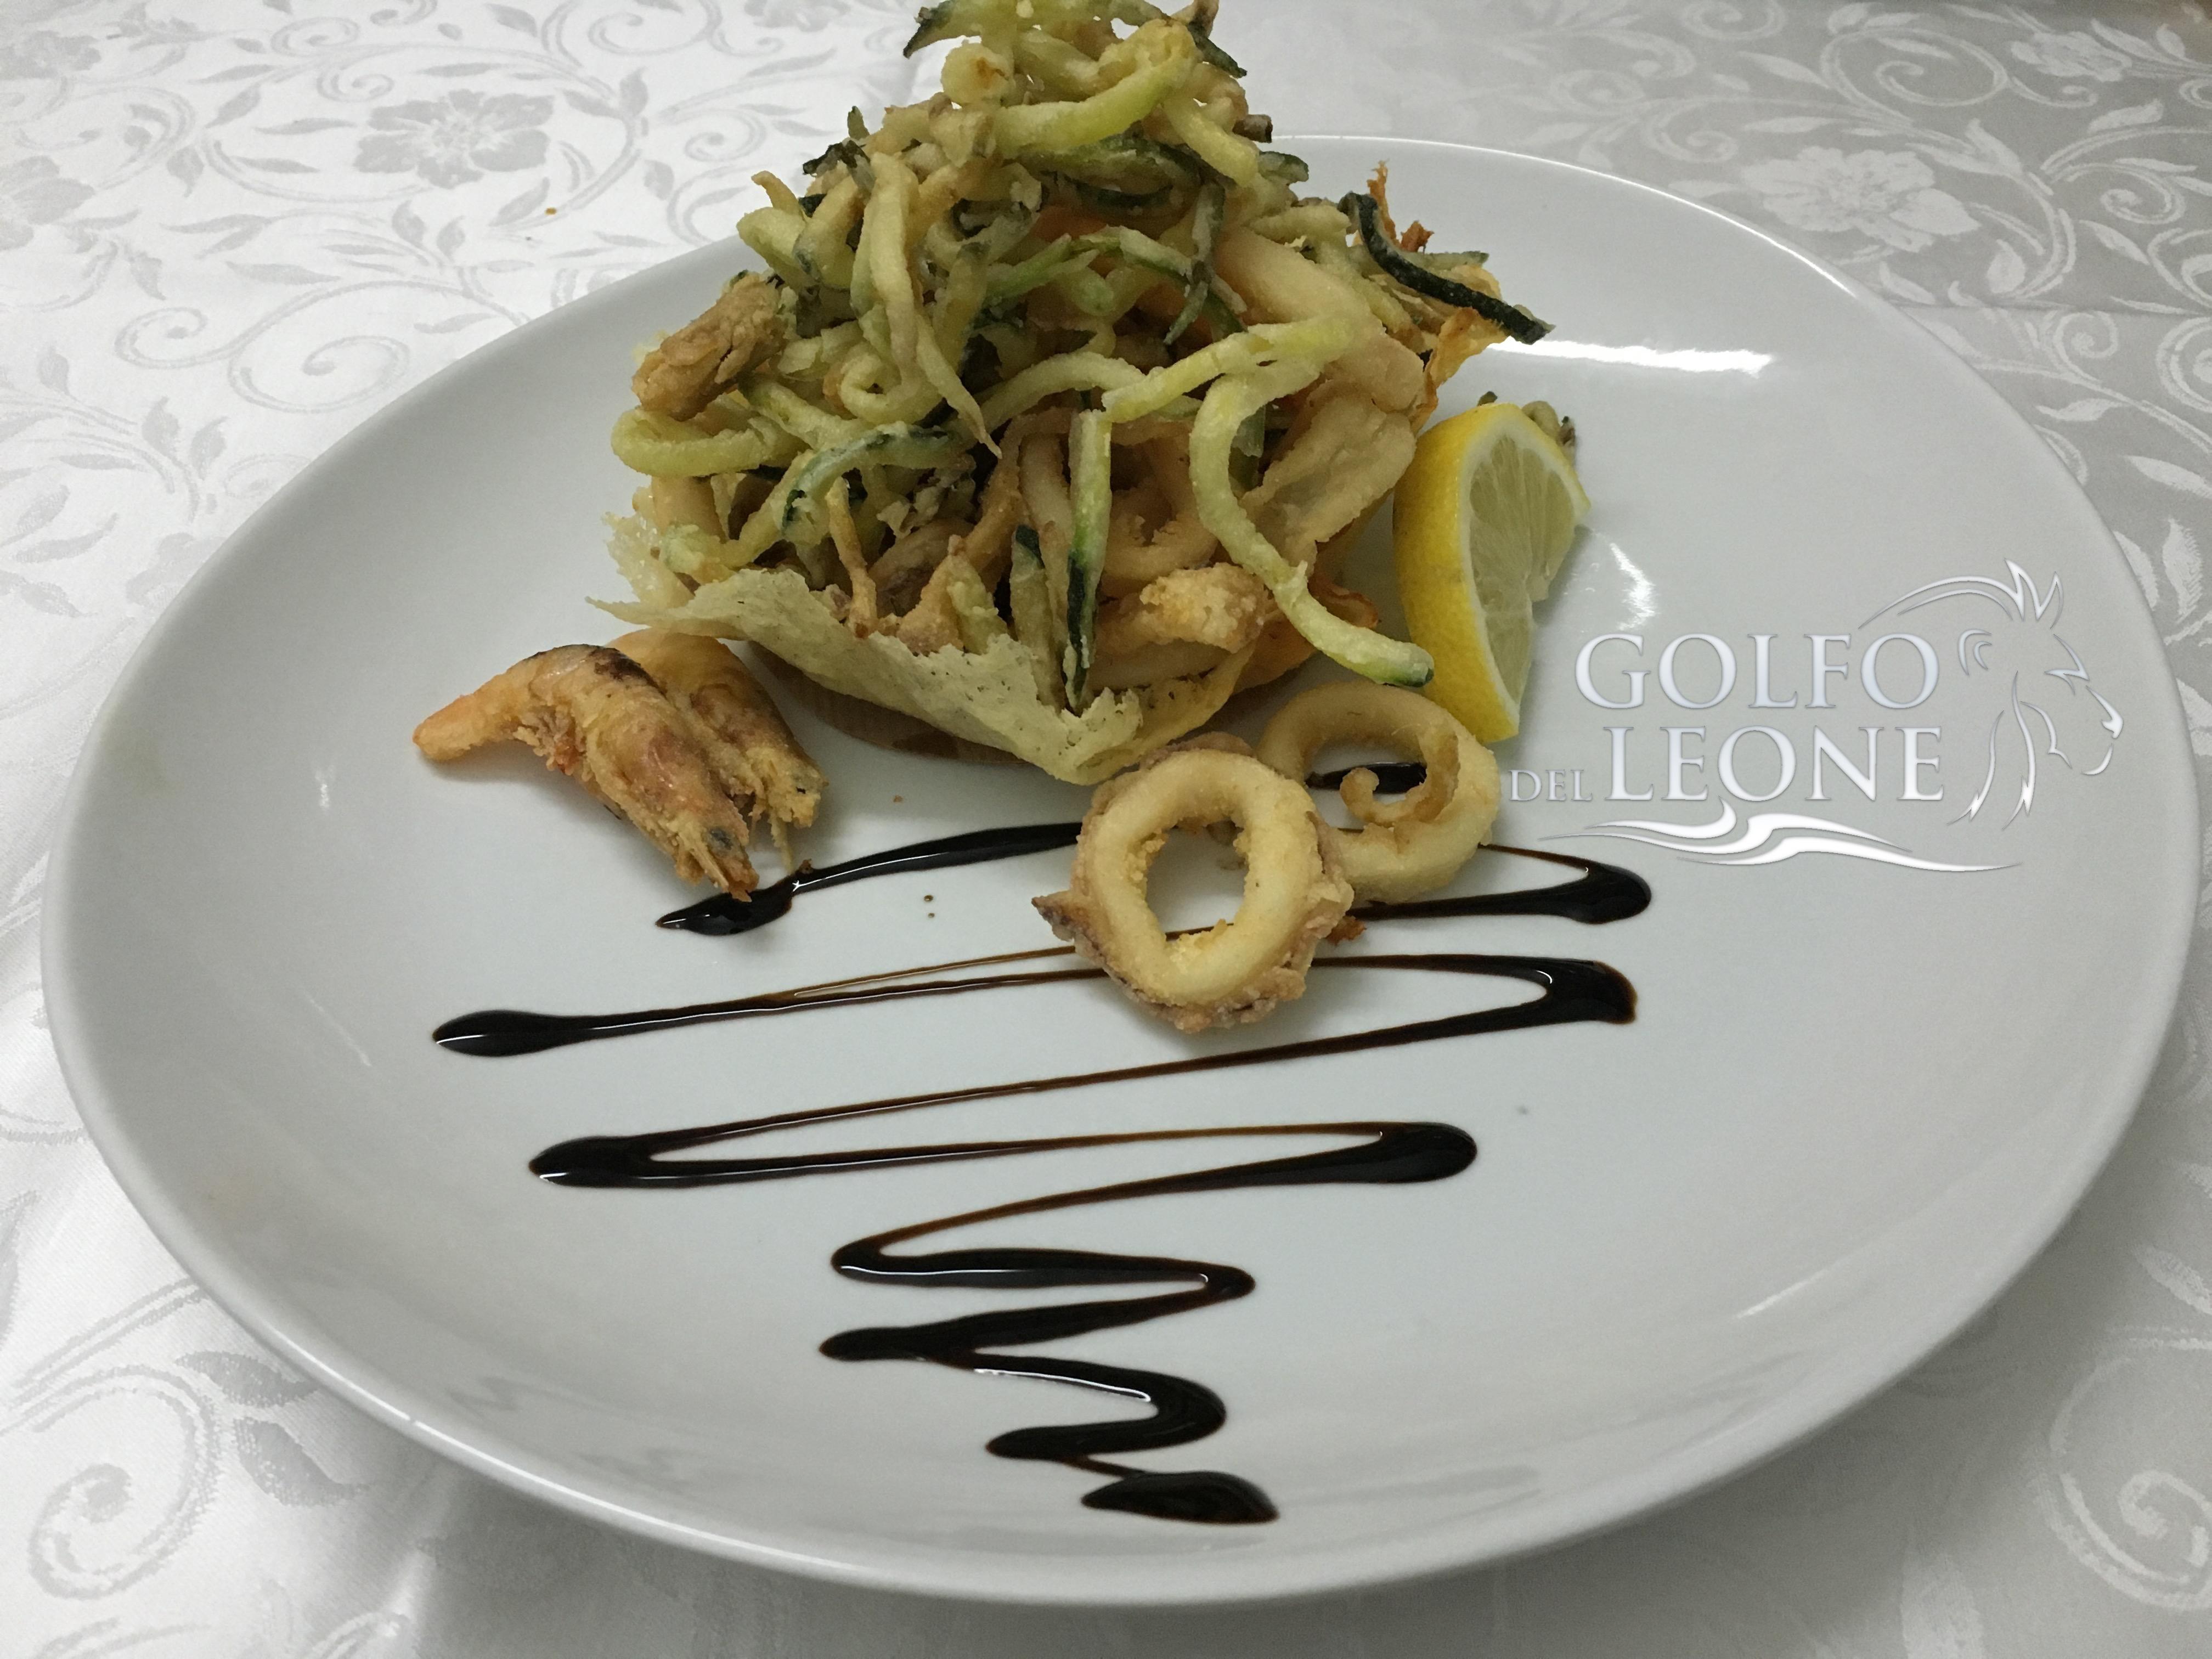 cestinetto di frittura con zucchine fritte